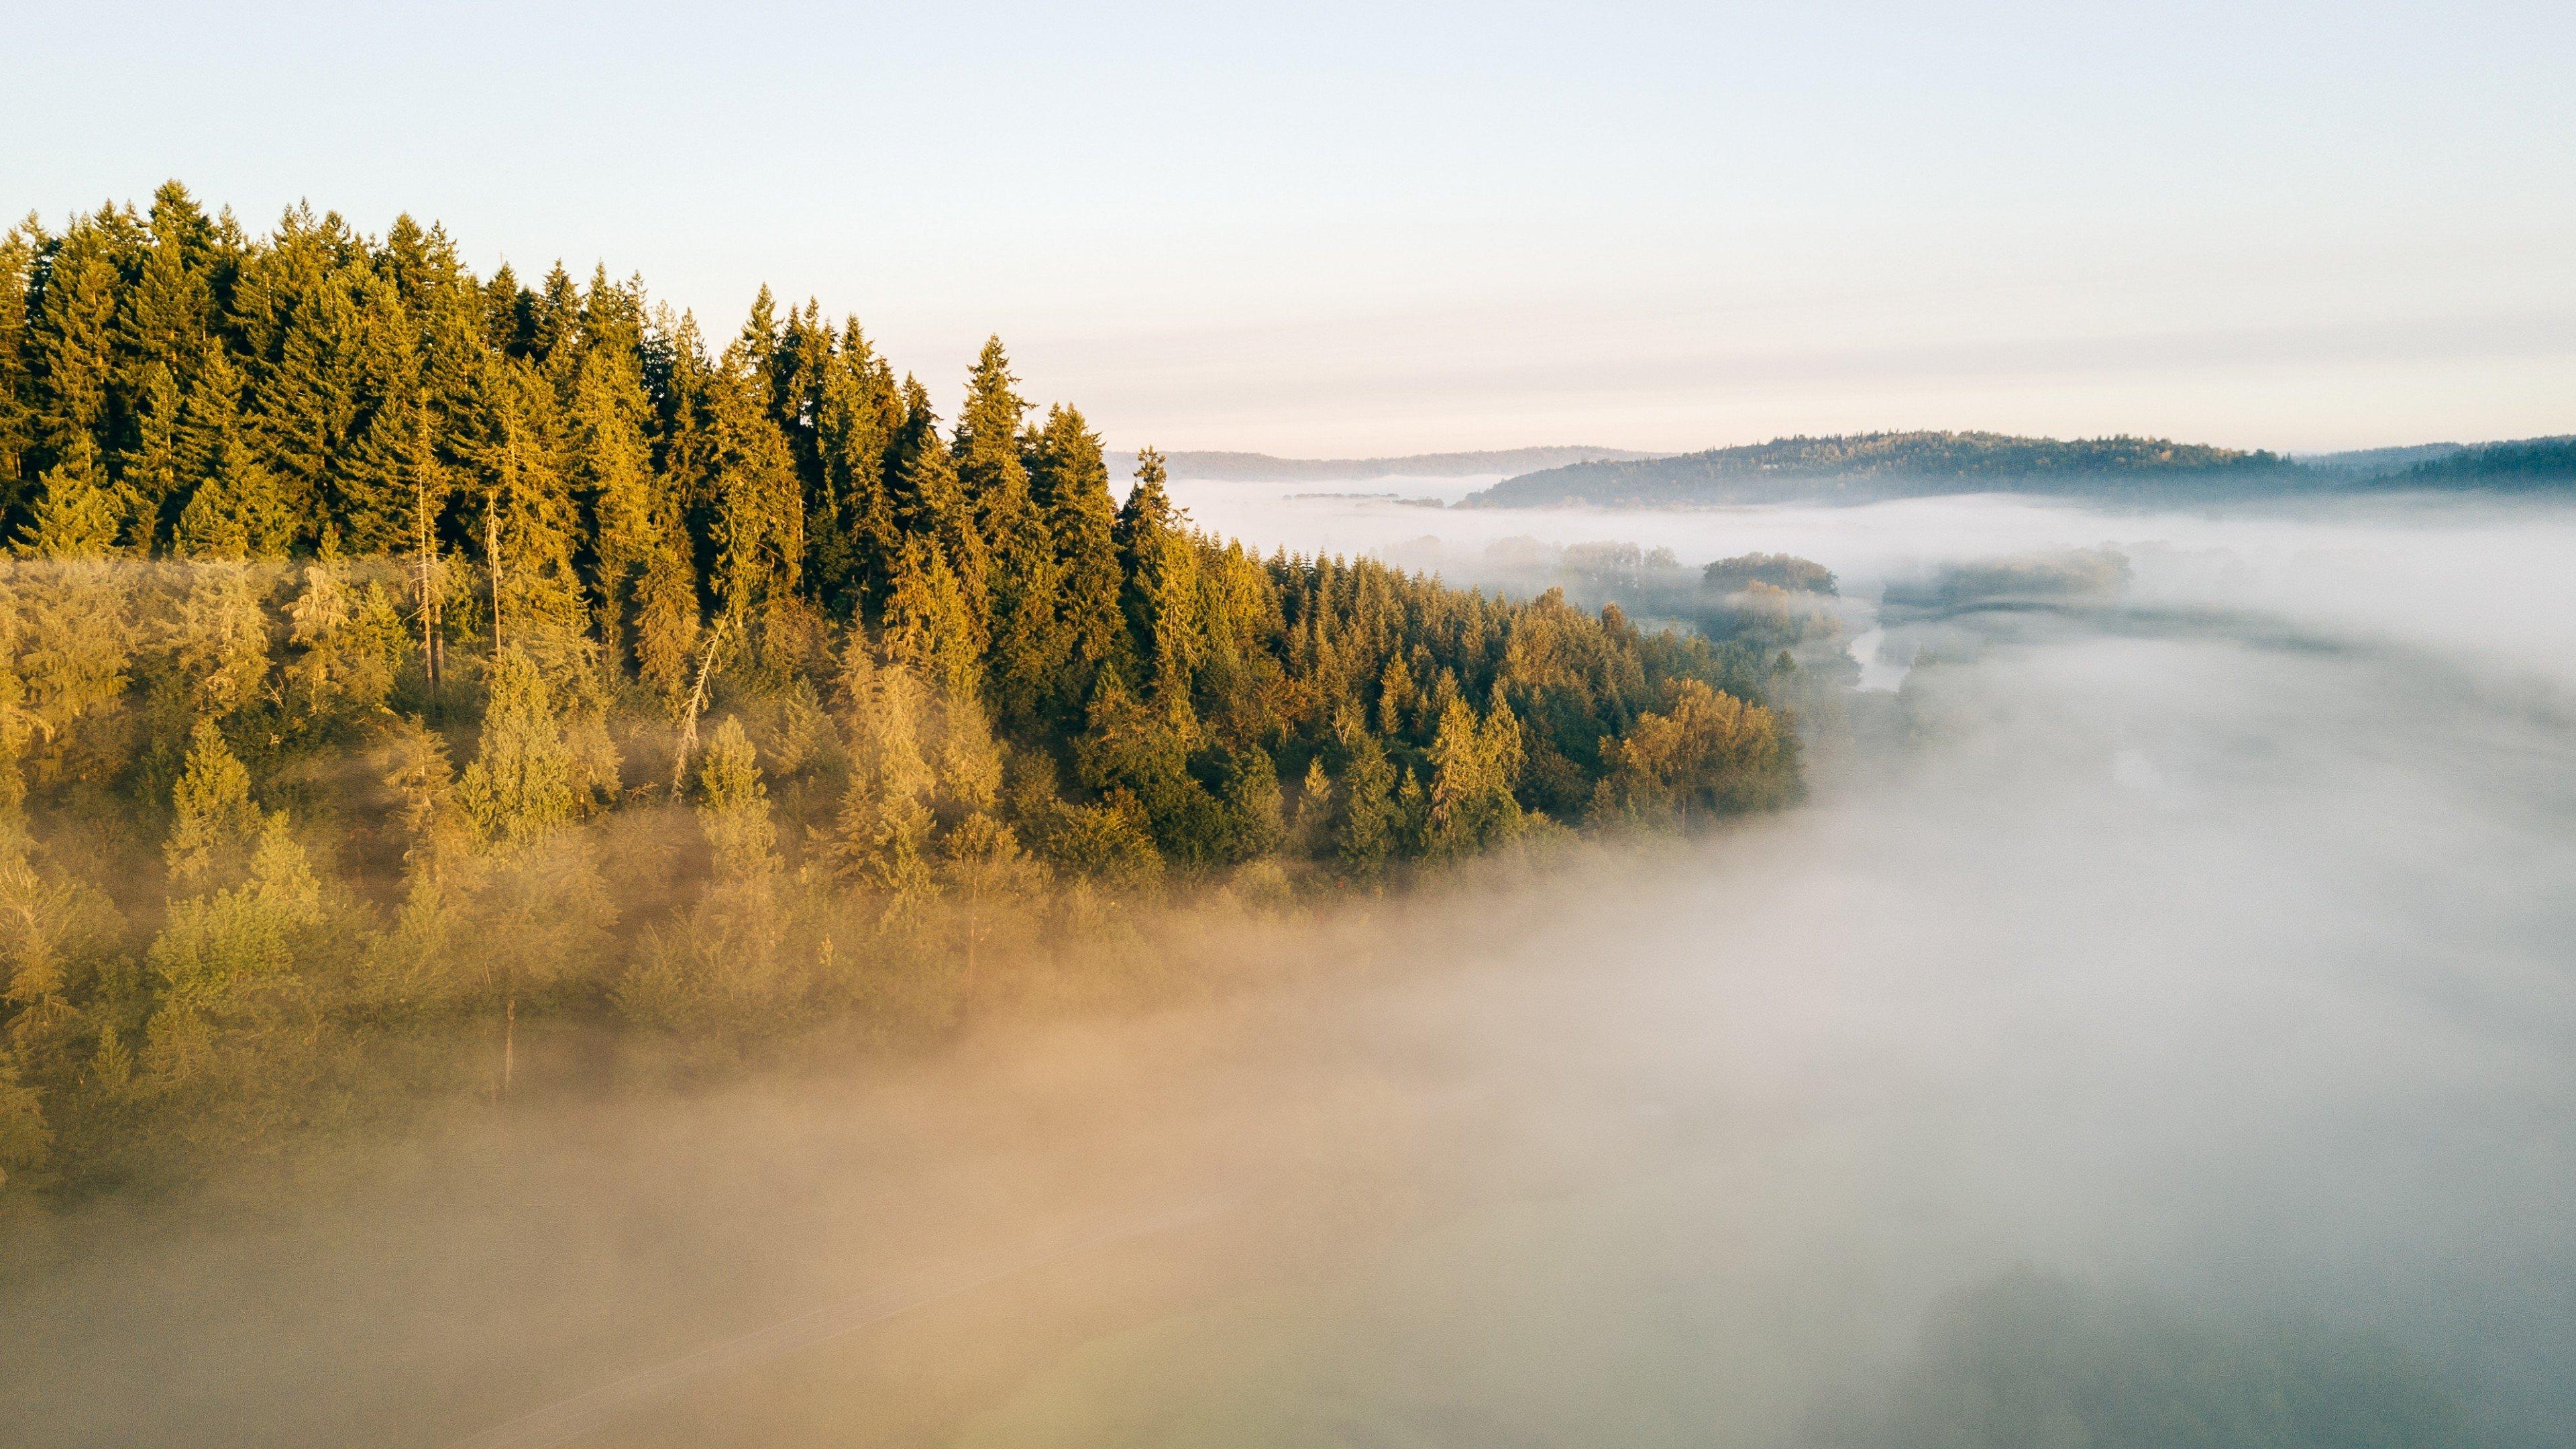 Fondos de pantalla Bosque en la niebla